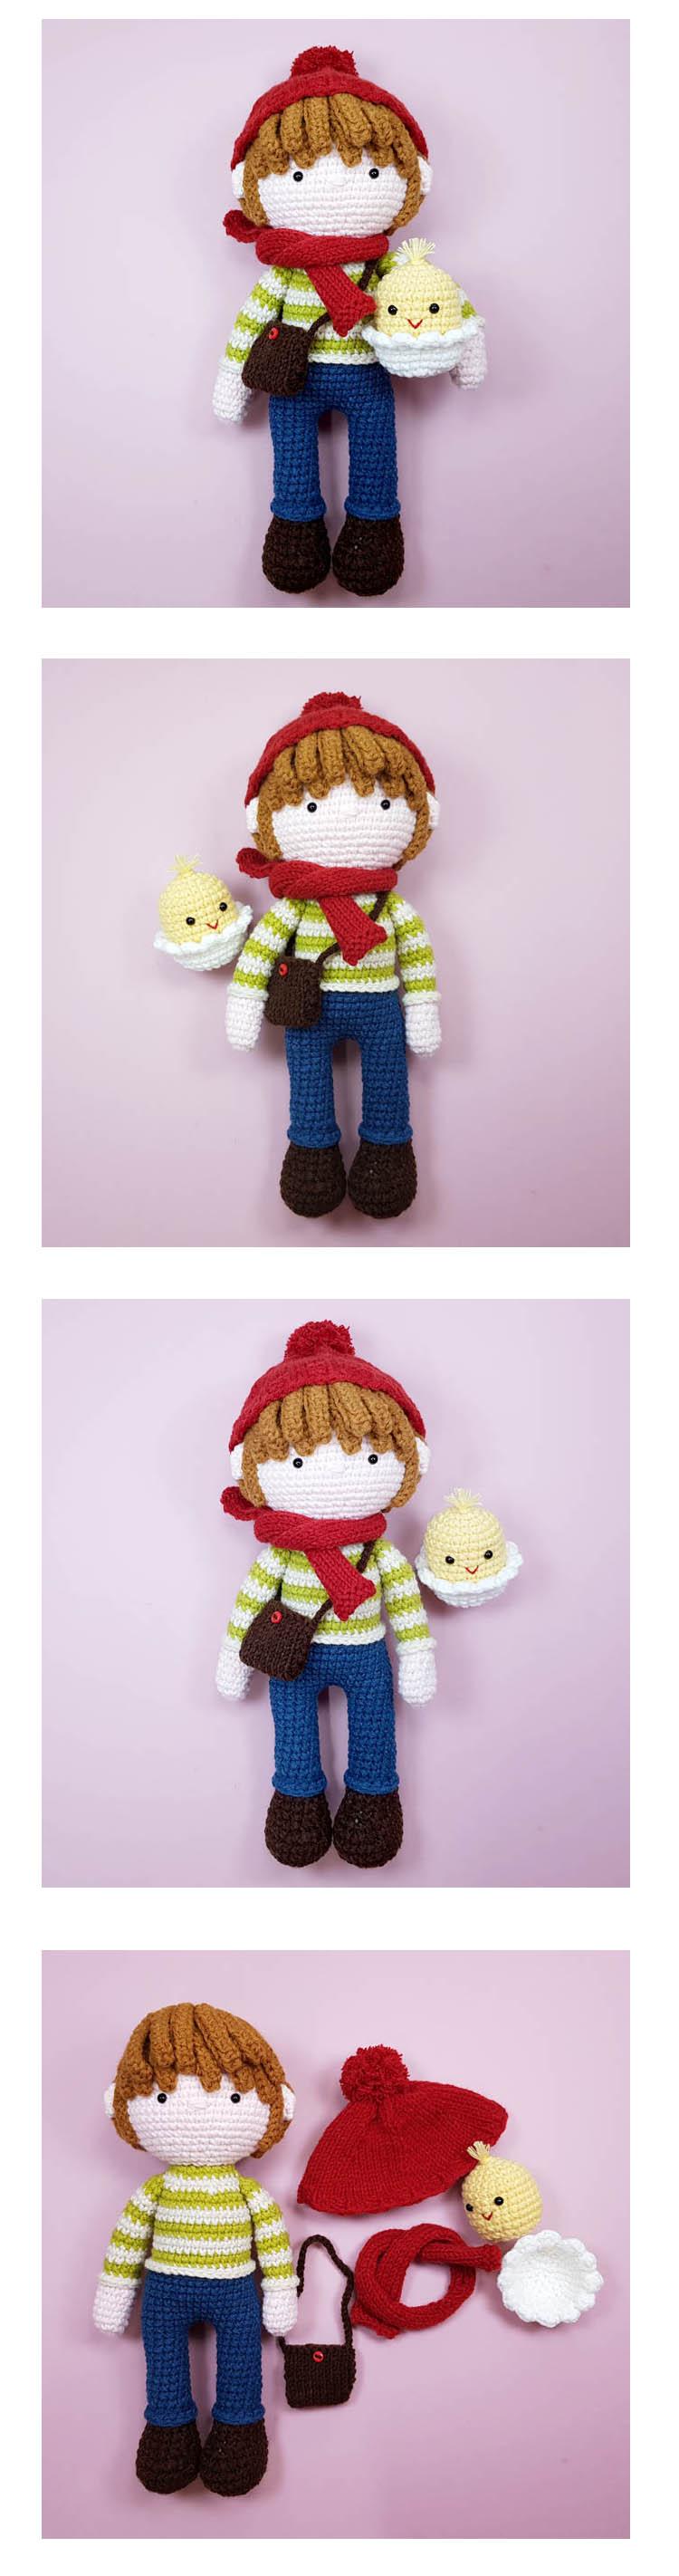 손뜨개 DIY-노아랑 삐약이 - 써니의실노리, 45,000원, 뜨개질, 기타 패키지